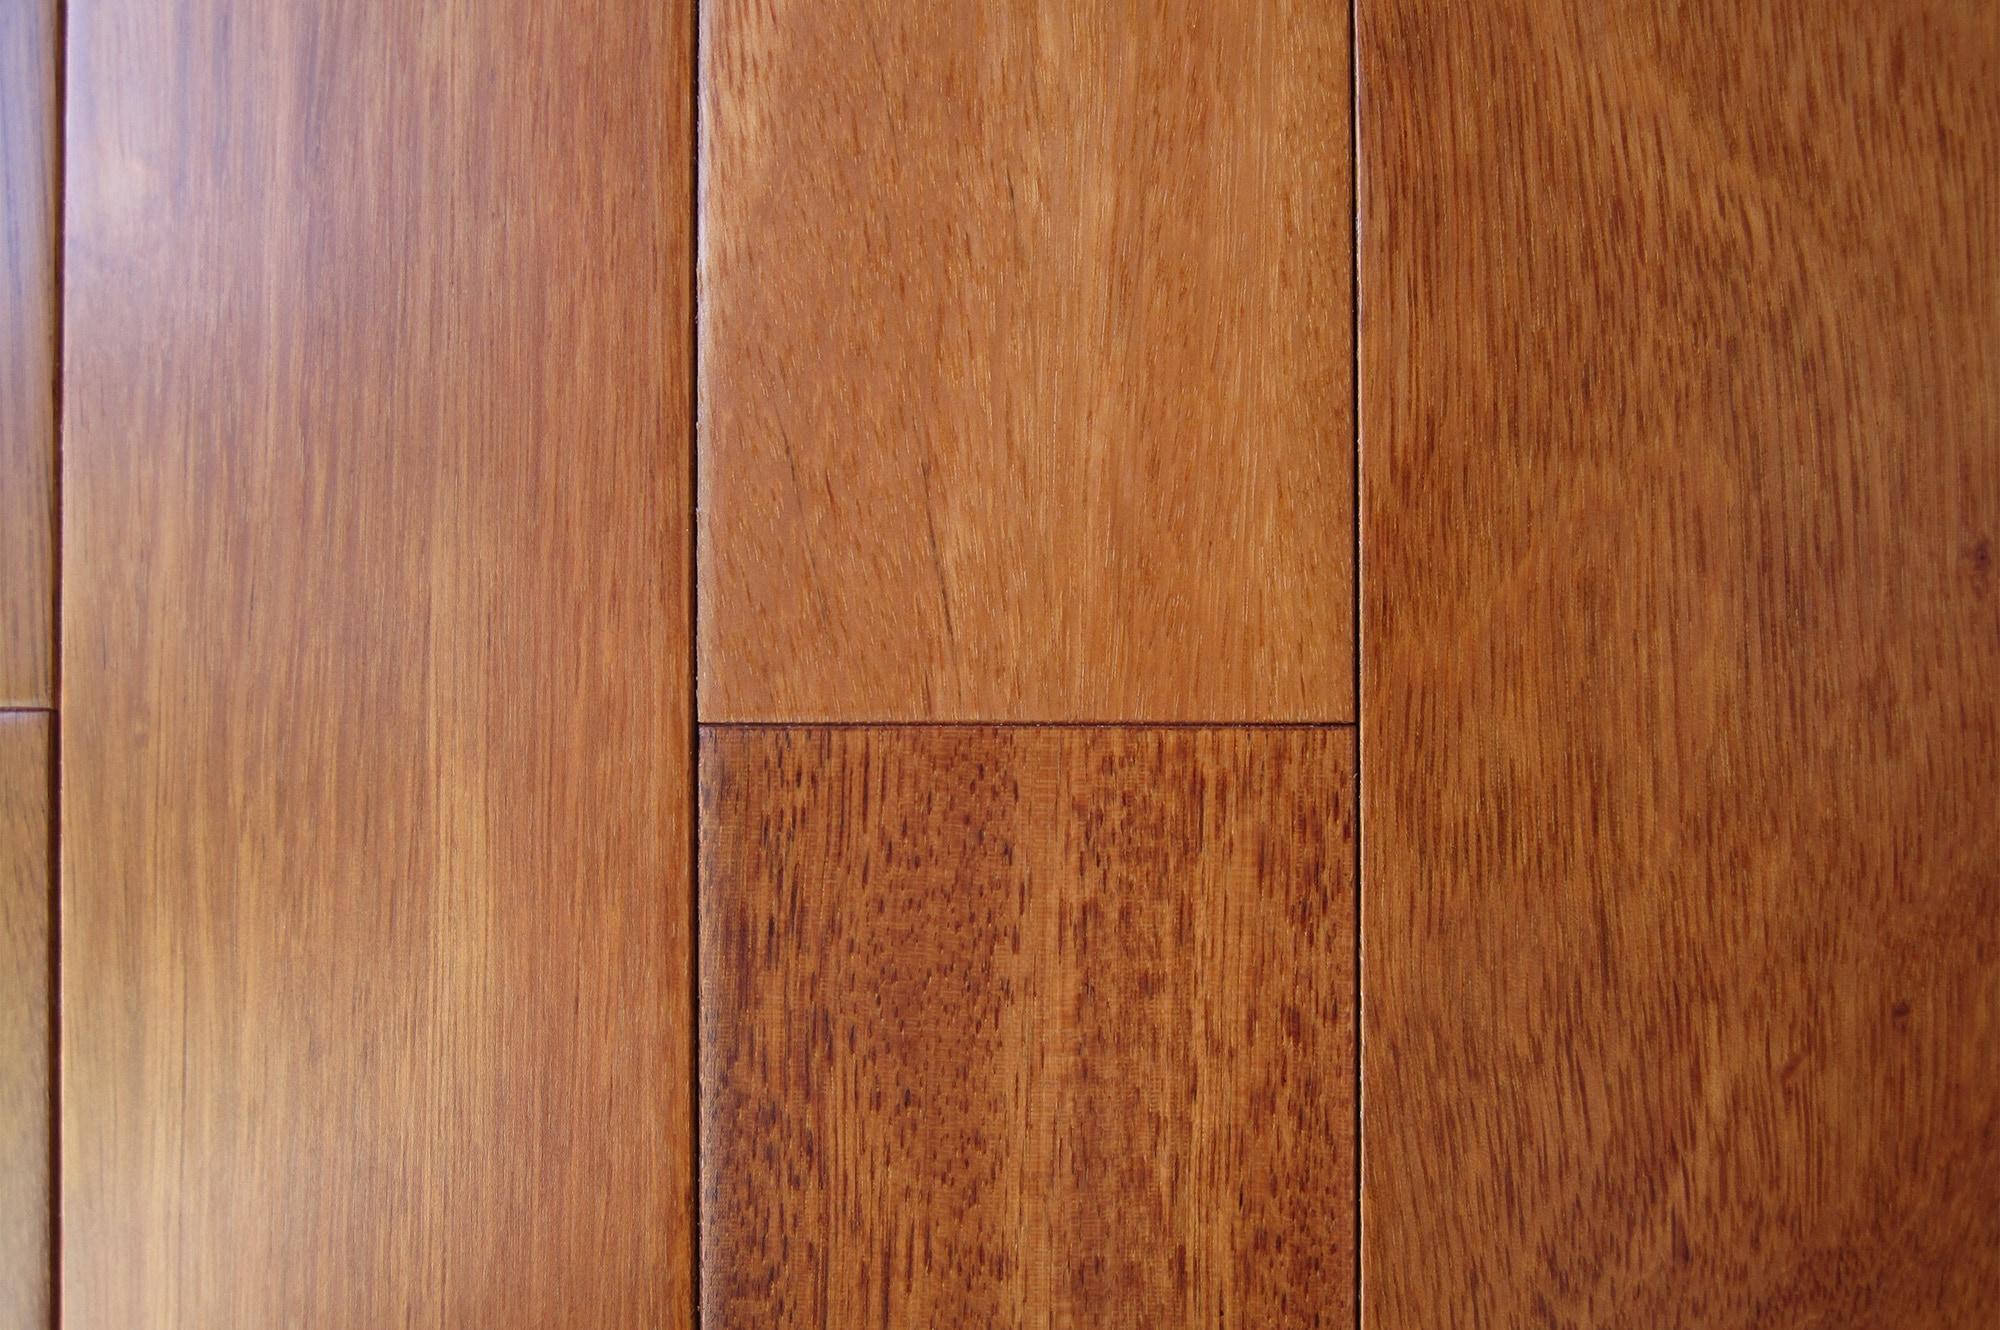 Mazama hardwood exotic kempas collection natural for Kempas hardwood flooring